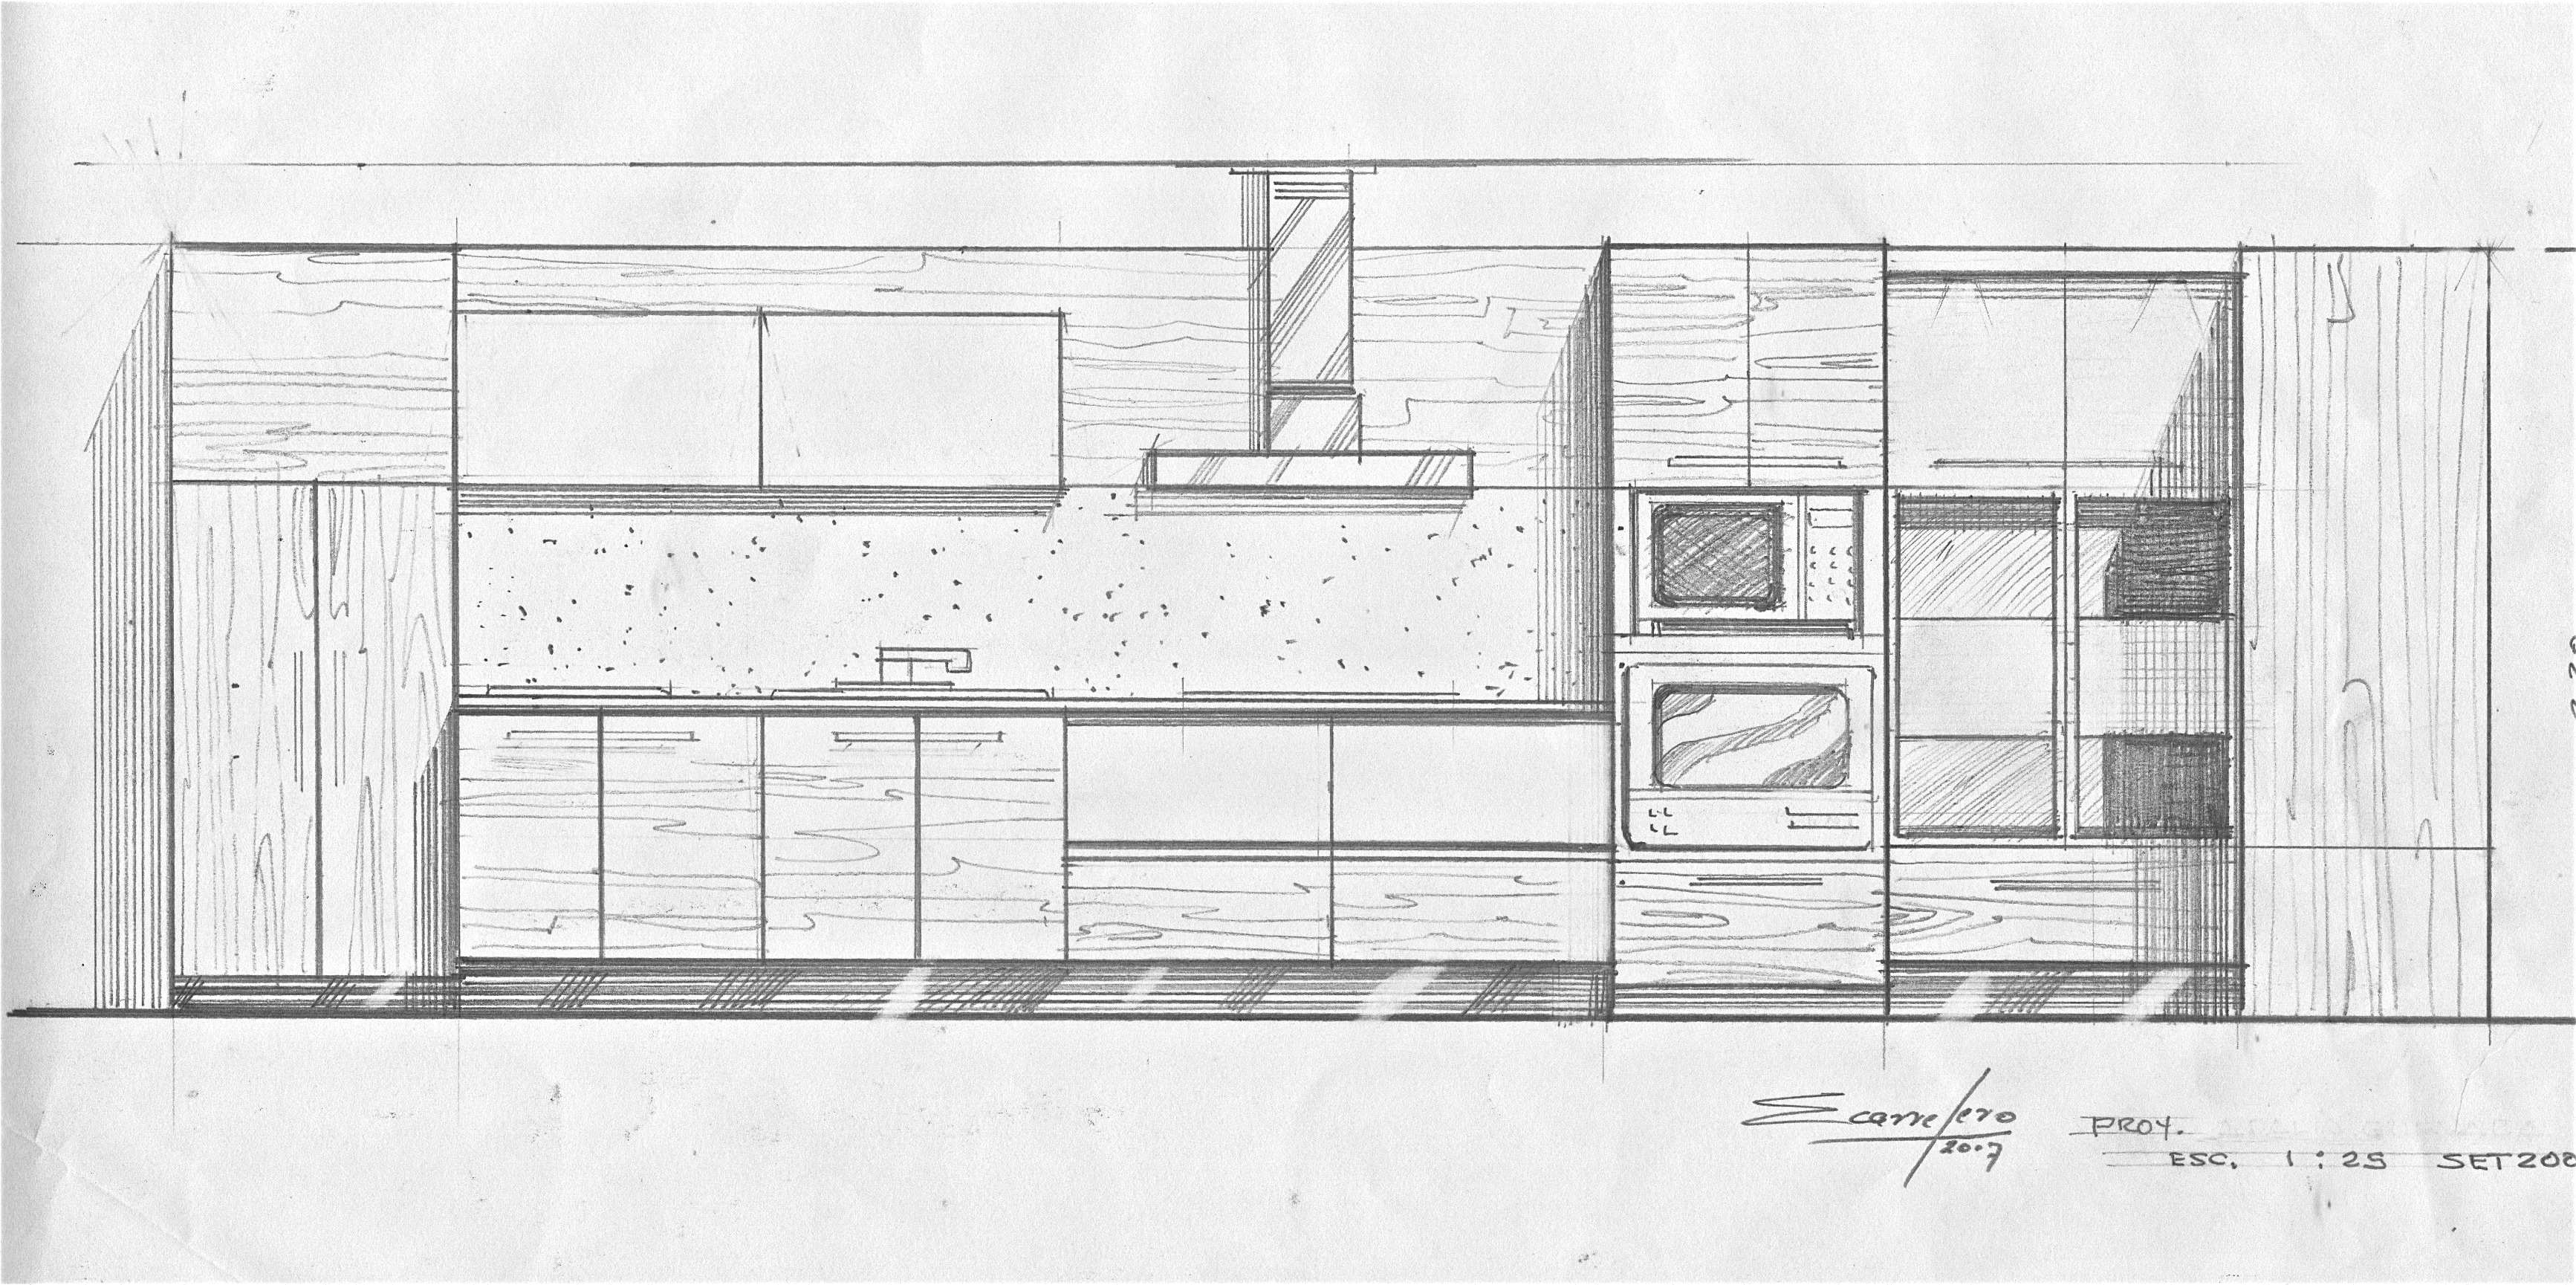 Dibujos 21 t remodela - Cocinas con dibujos ...